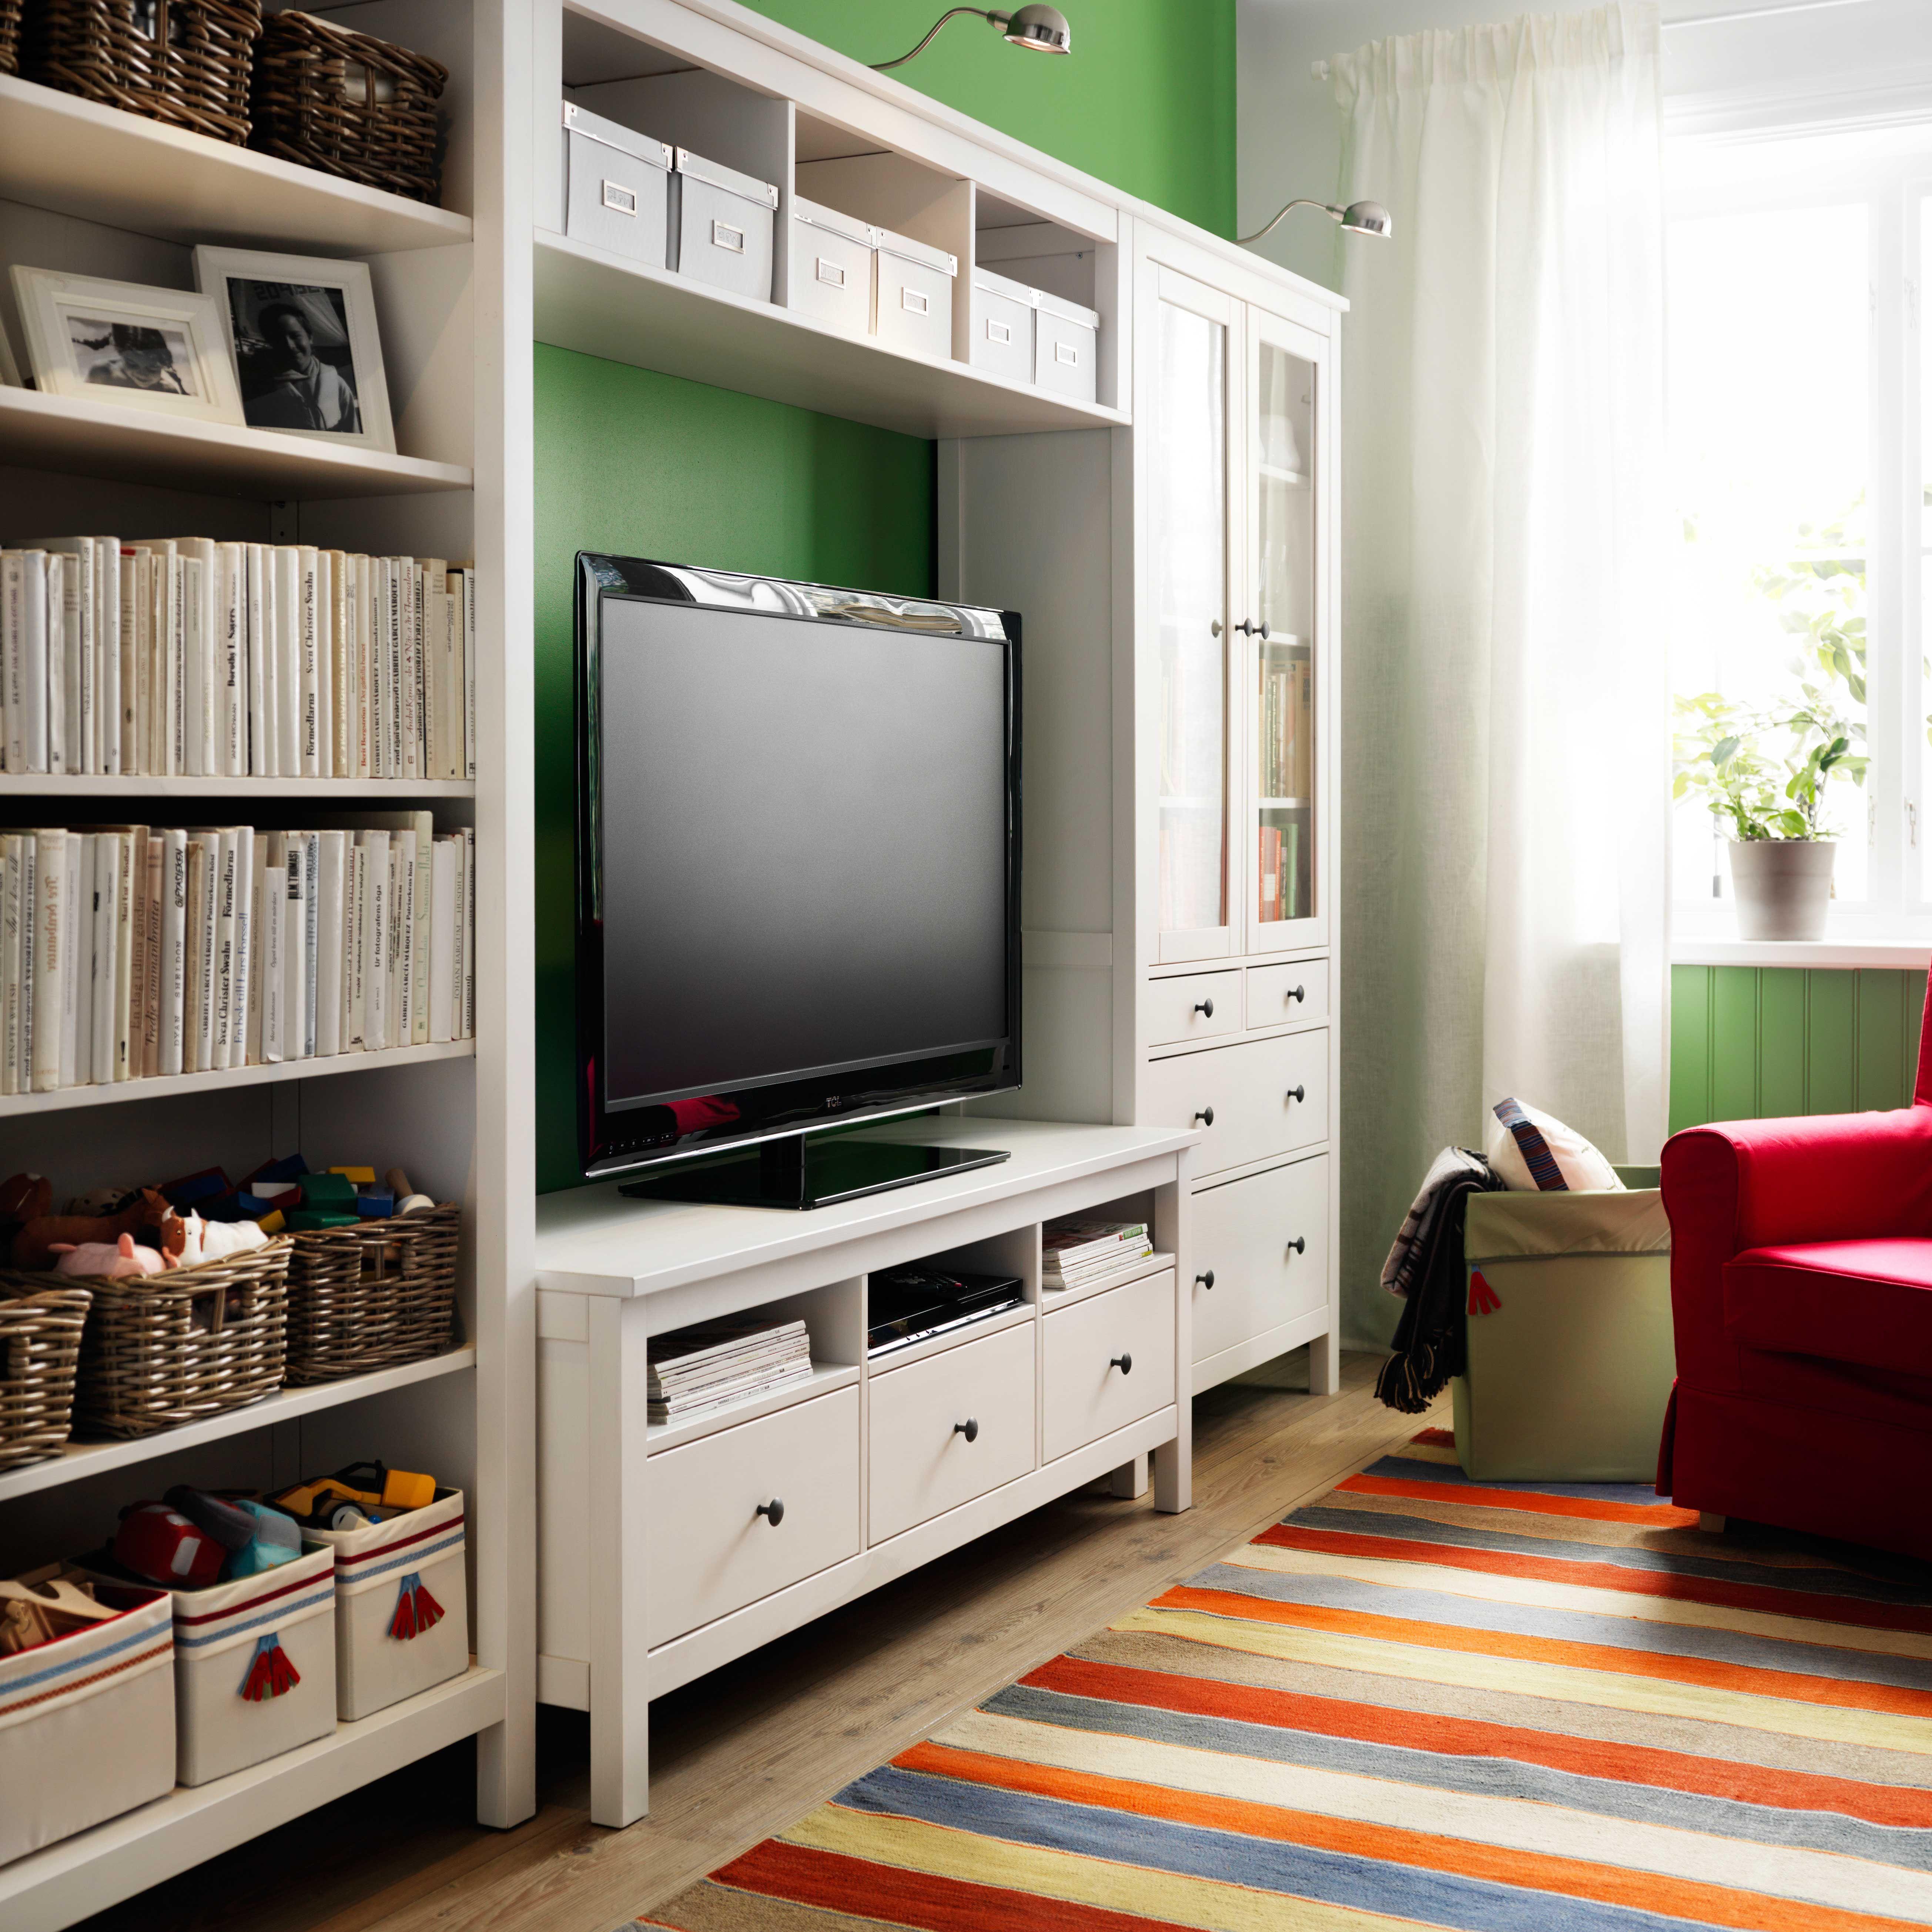 Wohnzimmer Wohnzimmermobel Online Kaufen Ikea Wohnzimmer Haus